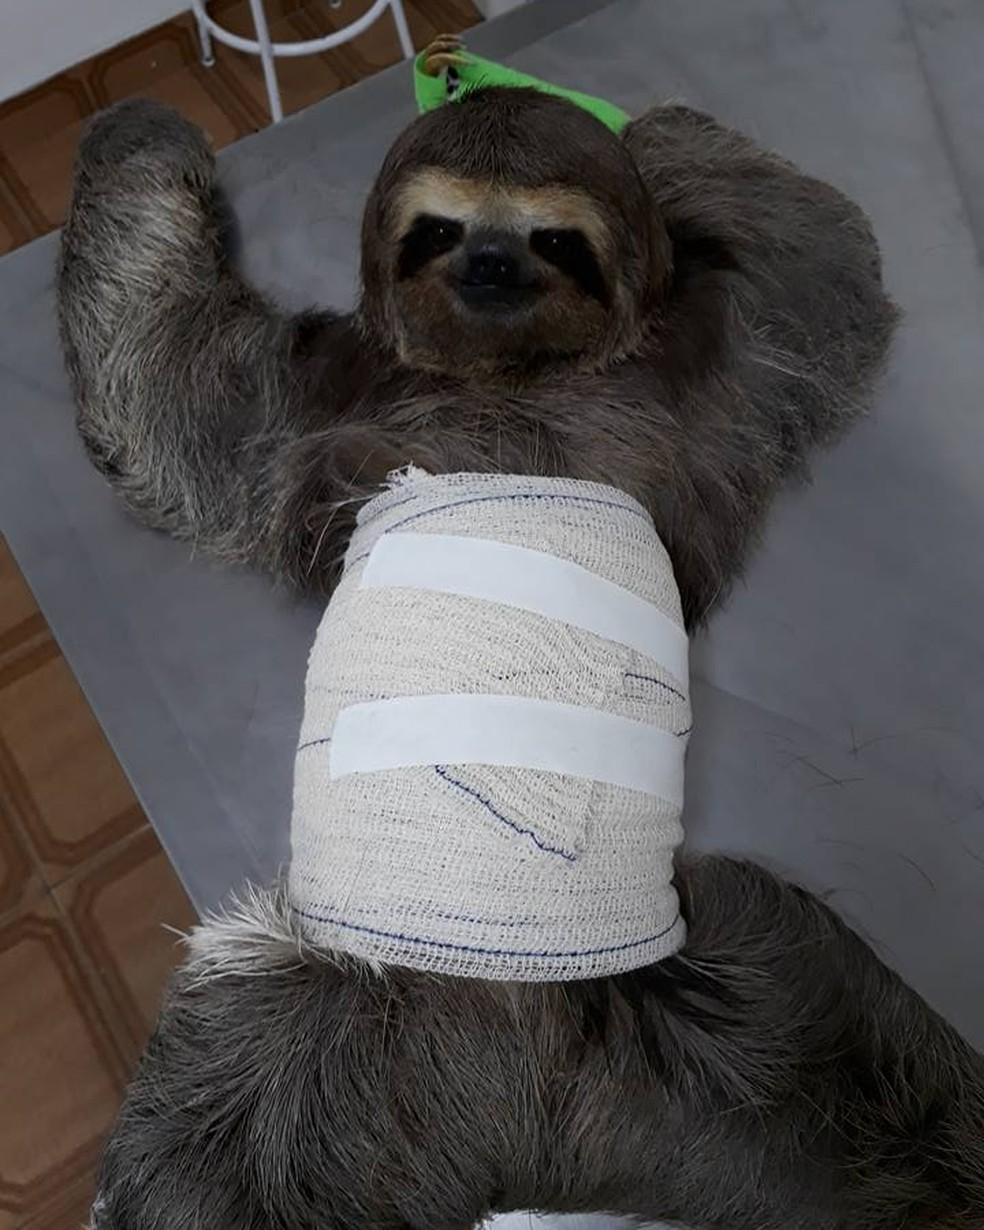 Preguiça encostou em rede elétrica em Guararema e sofreu queimaduras pelo corpo (Foto: Jefferson Leite/ Divulgação)